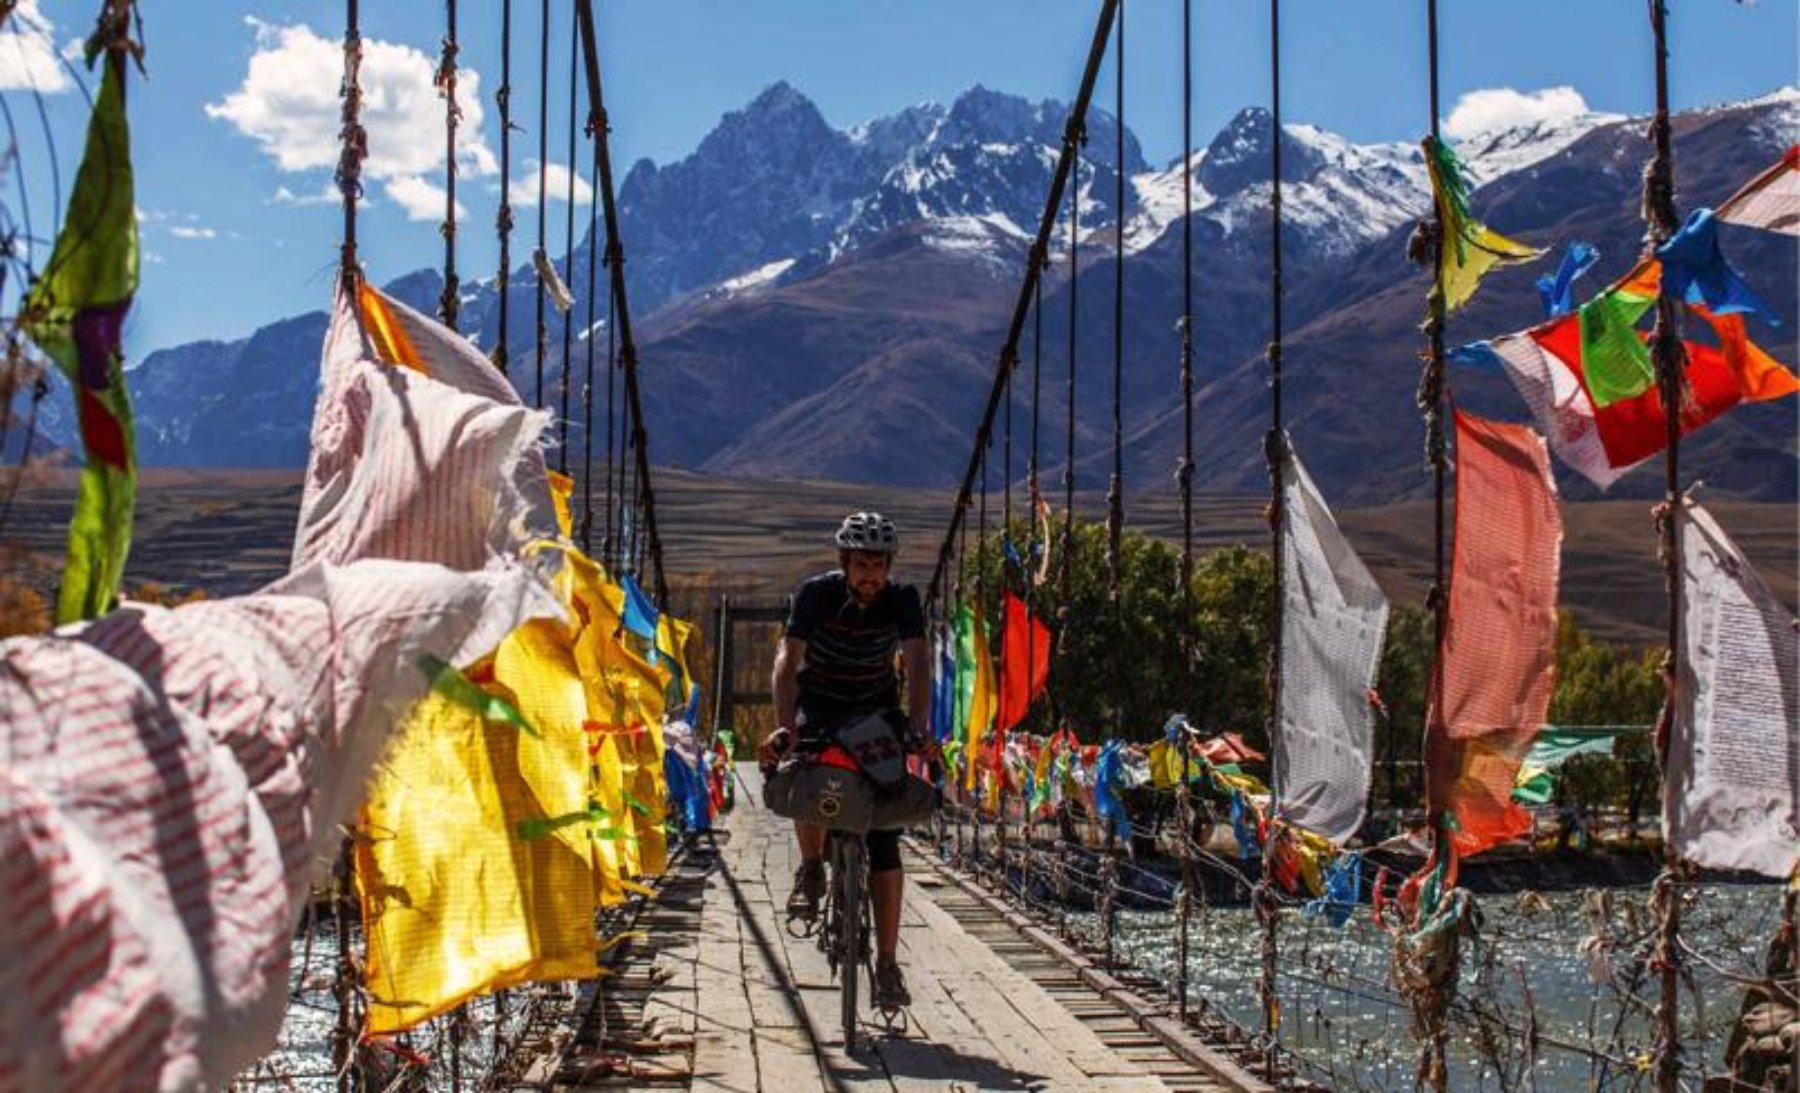 Traversing Tibet